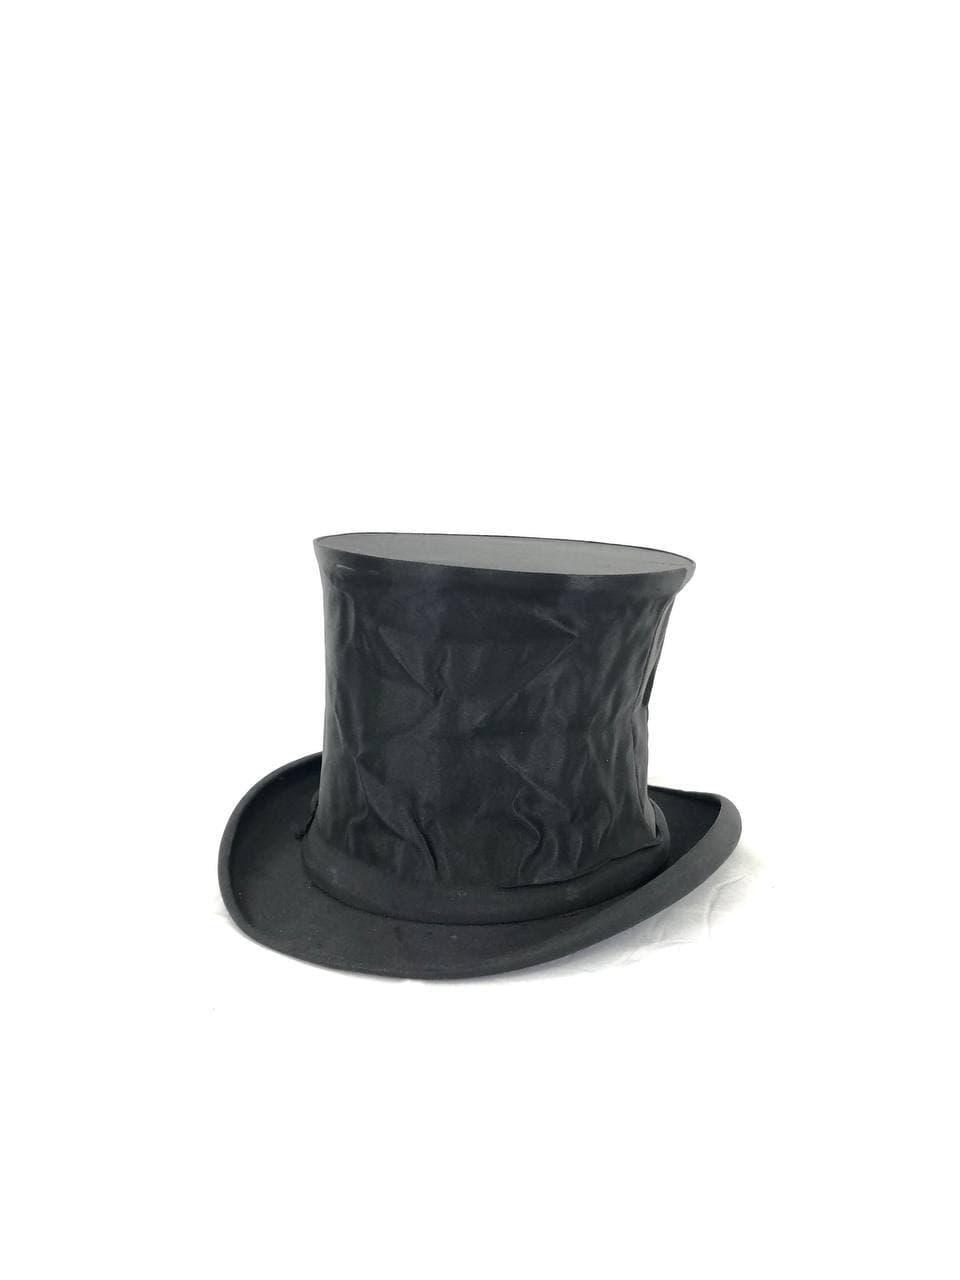 Антикварная механическая шляпа